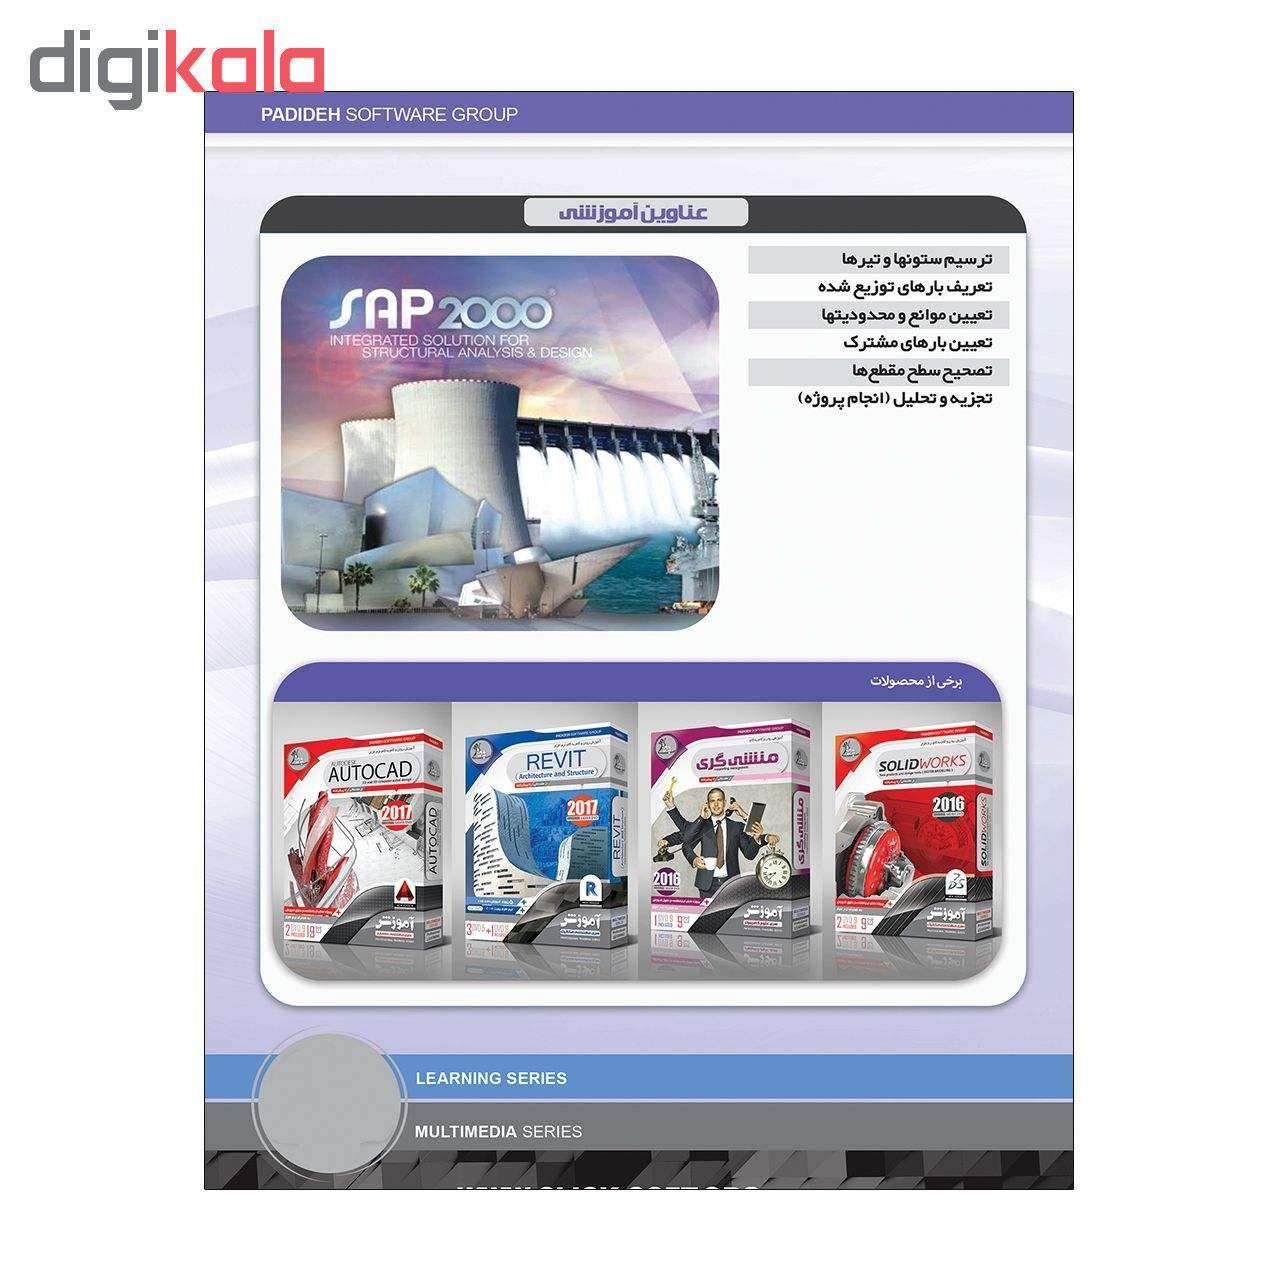 نرم افزار آموزش SAP 2000 نشر پدیده به همراه نرم افزار آموزش SAP 2000 نشر مهرگان